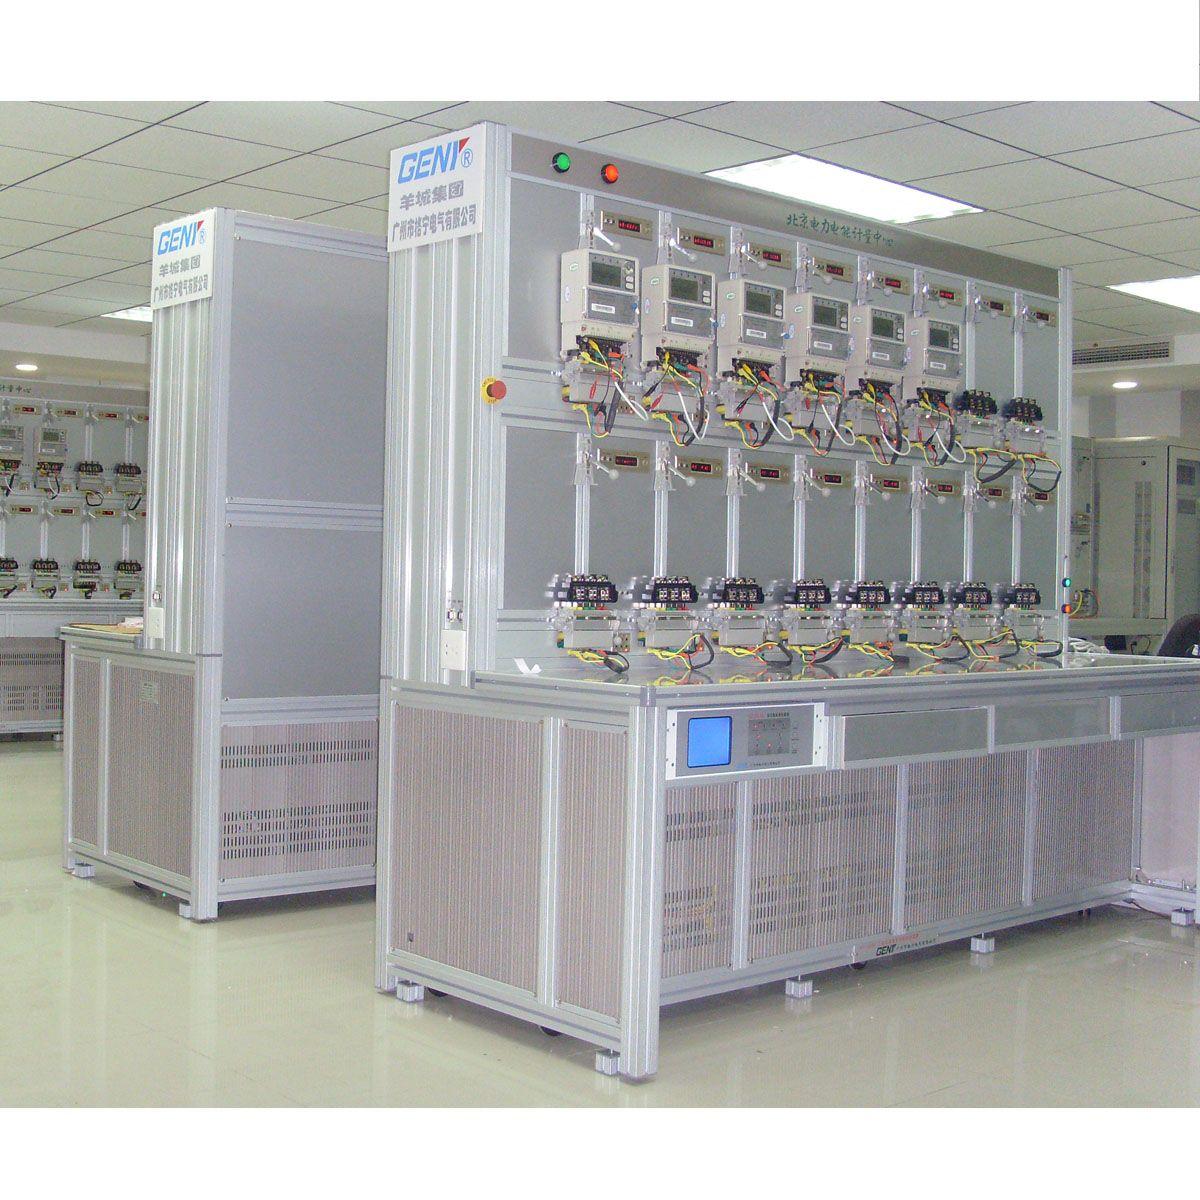 三相电流隔离检定装置(ICT台)